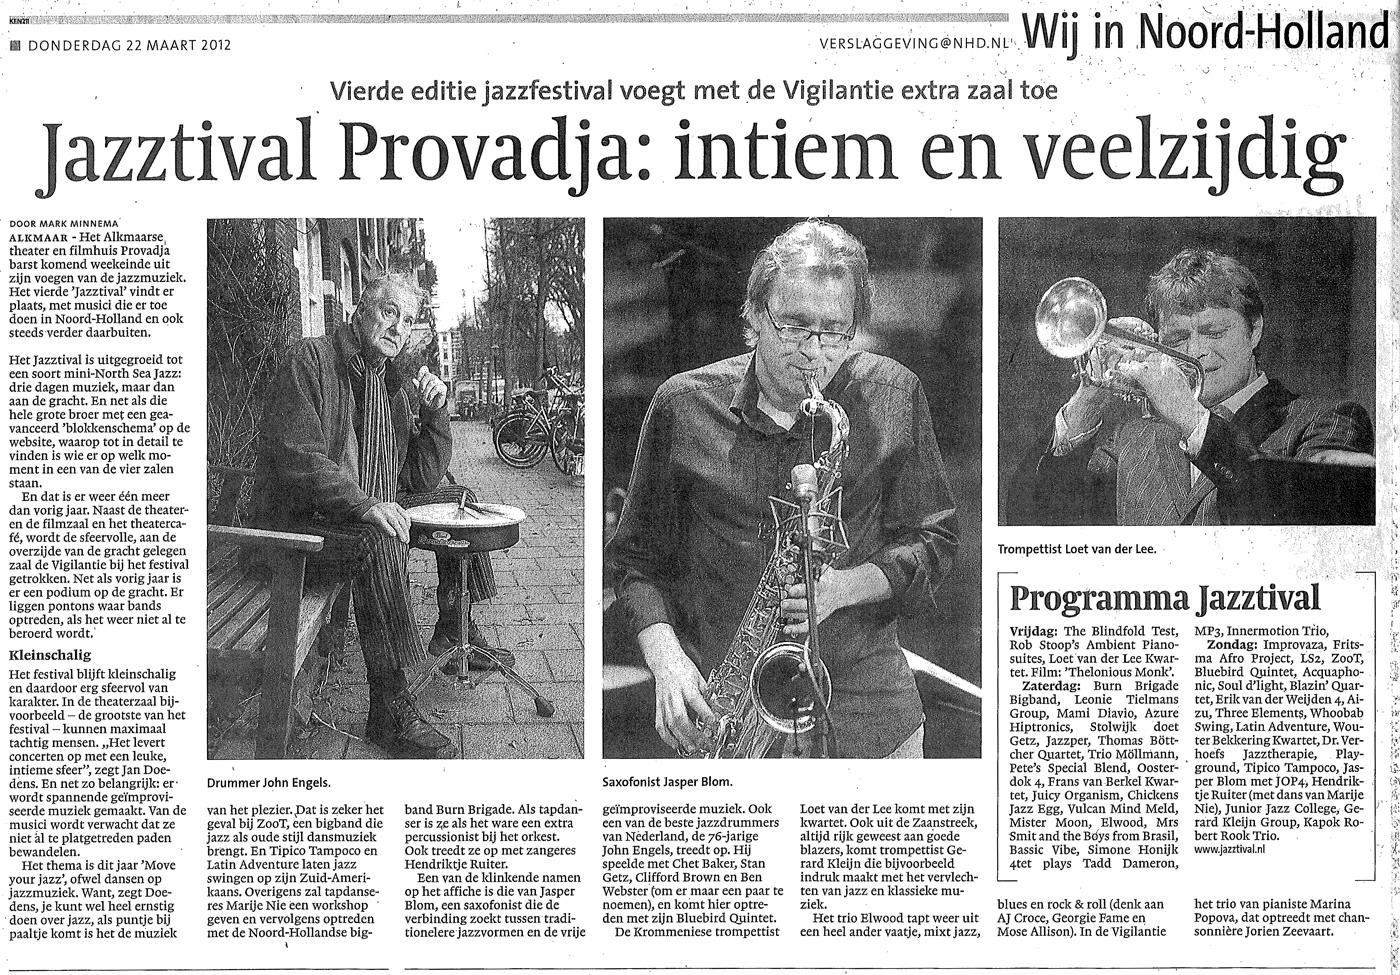 Noordhollands Dagblad, 22 maart 2012